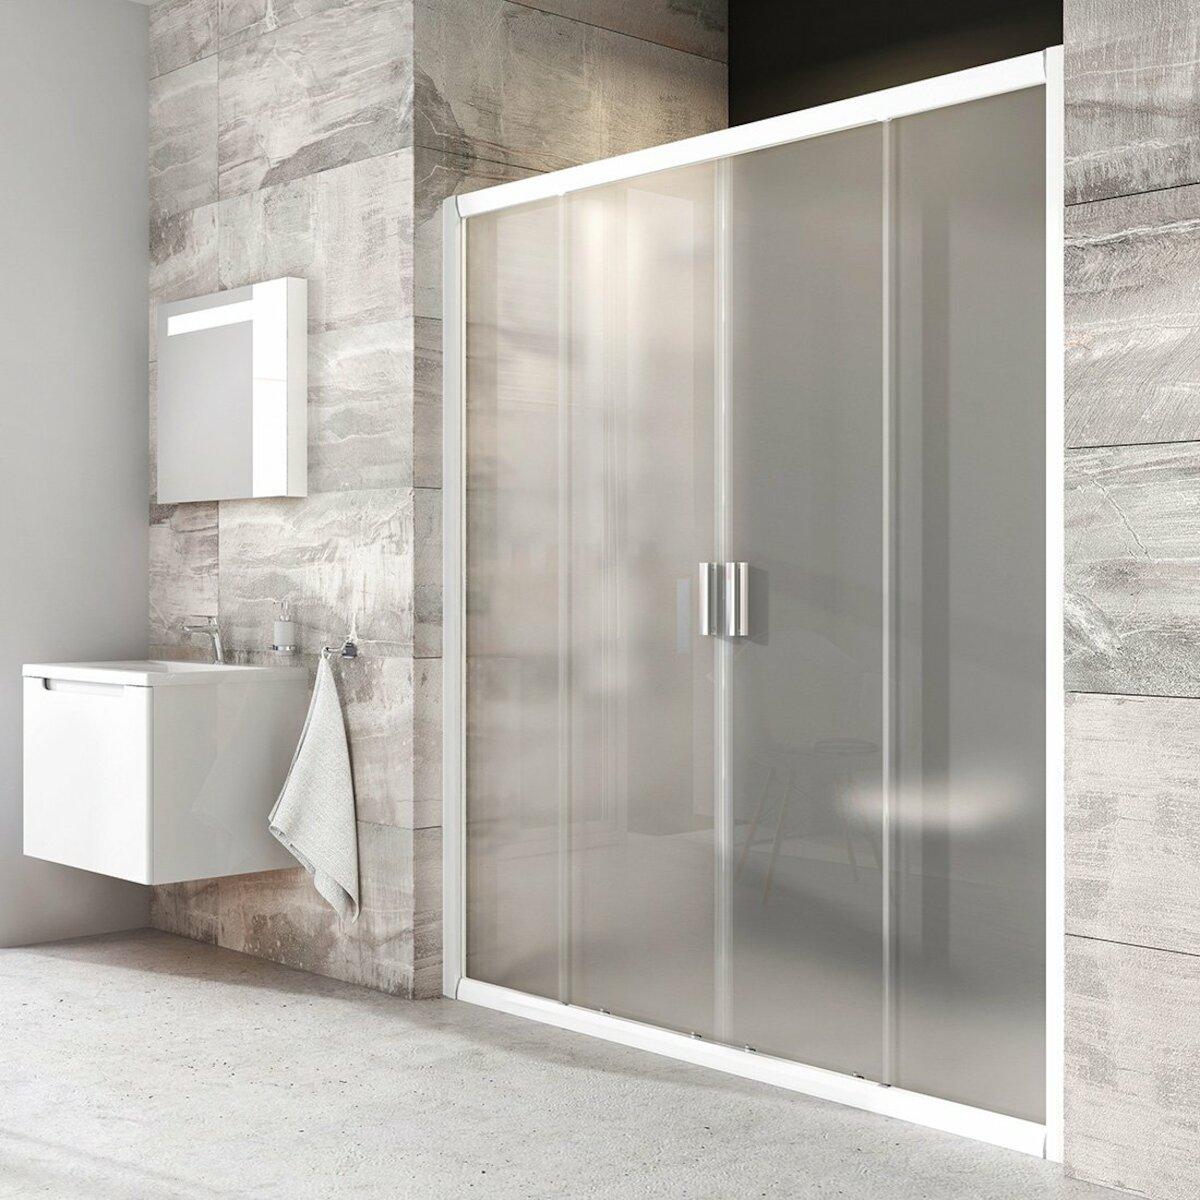 Sprchové dvere 120x190 cm Ravak Blix biela 0YVG0100ZG